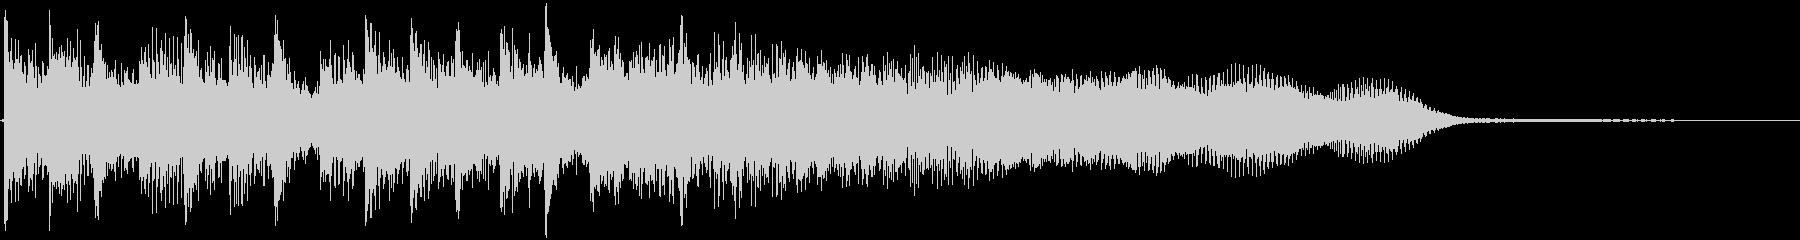 アイキャッチ/ギター/結果発表/場面転換の未再生の波形